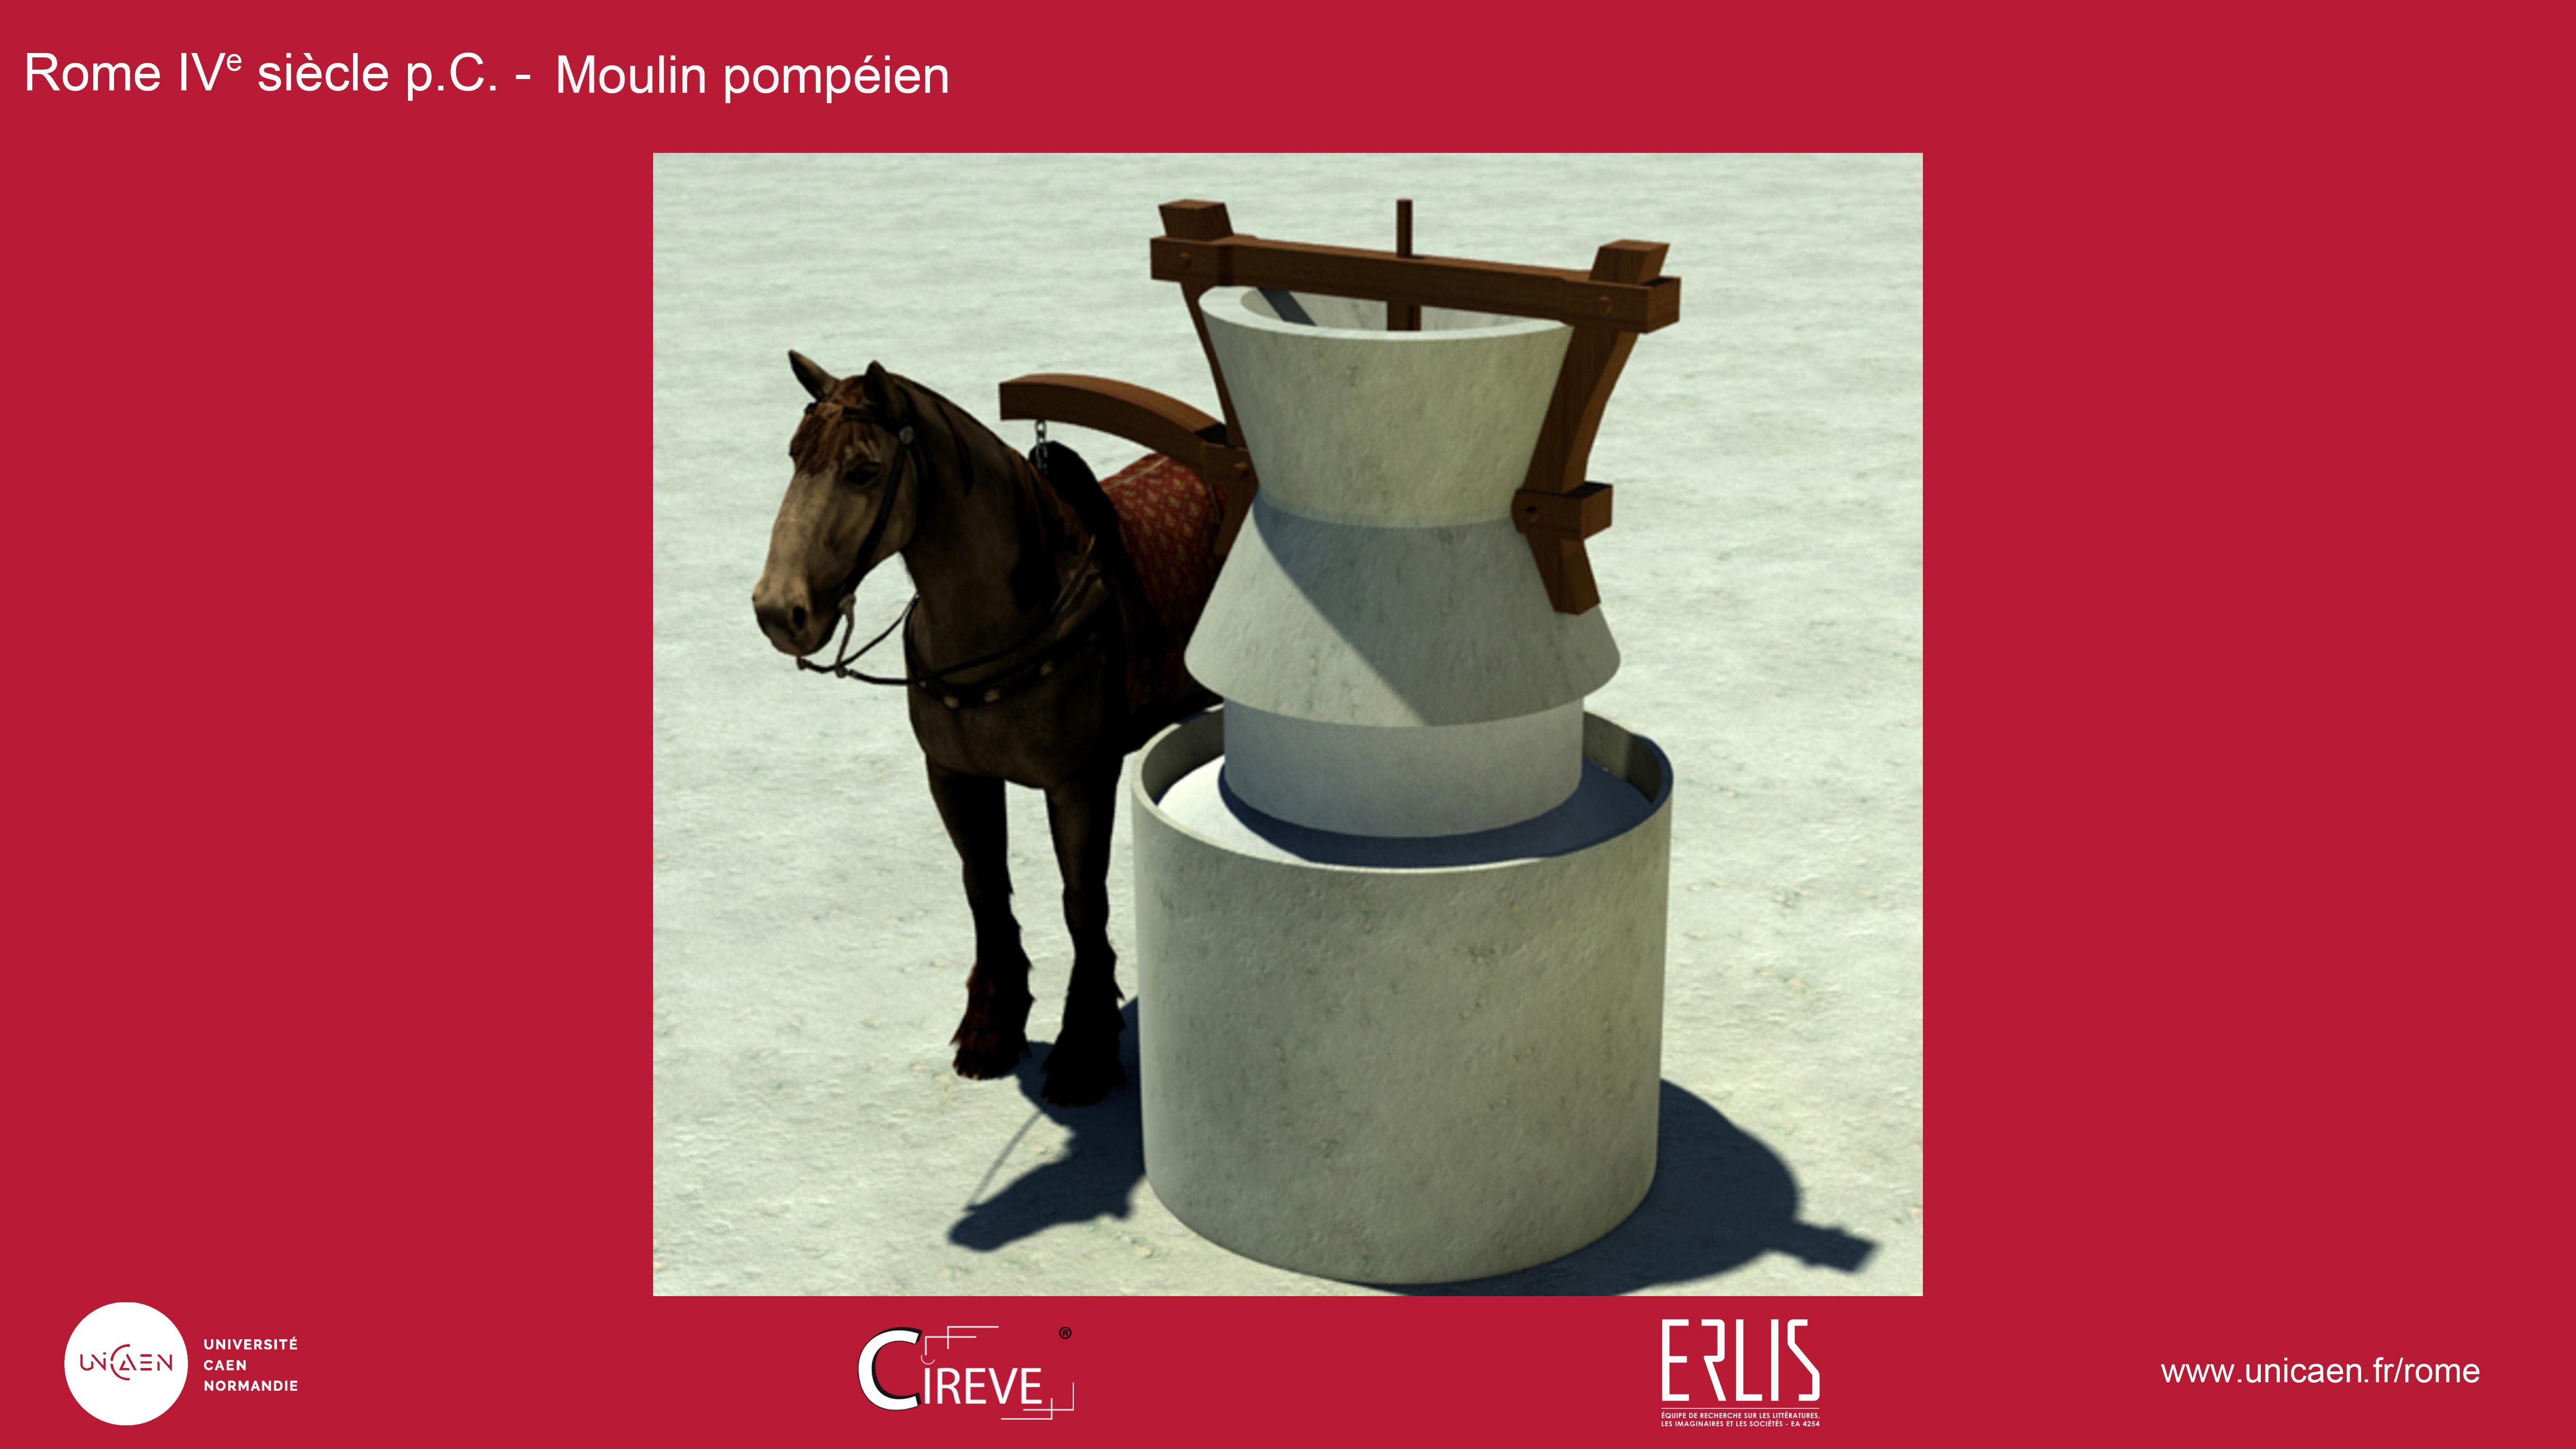 Moulin pompéien